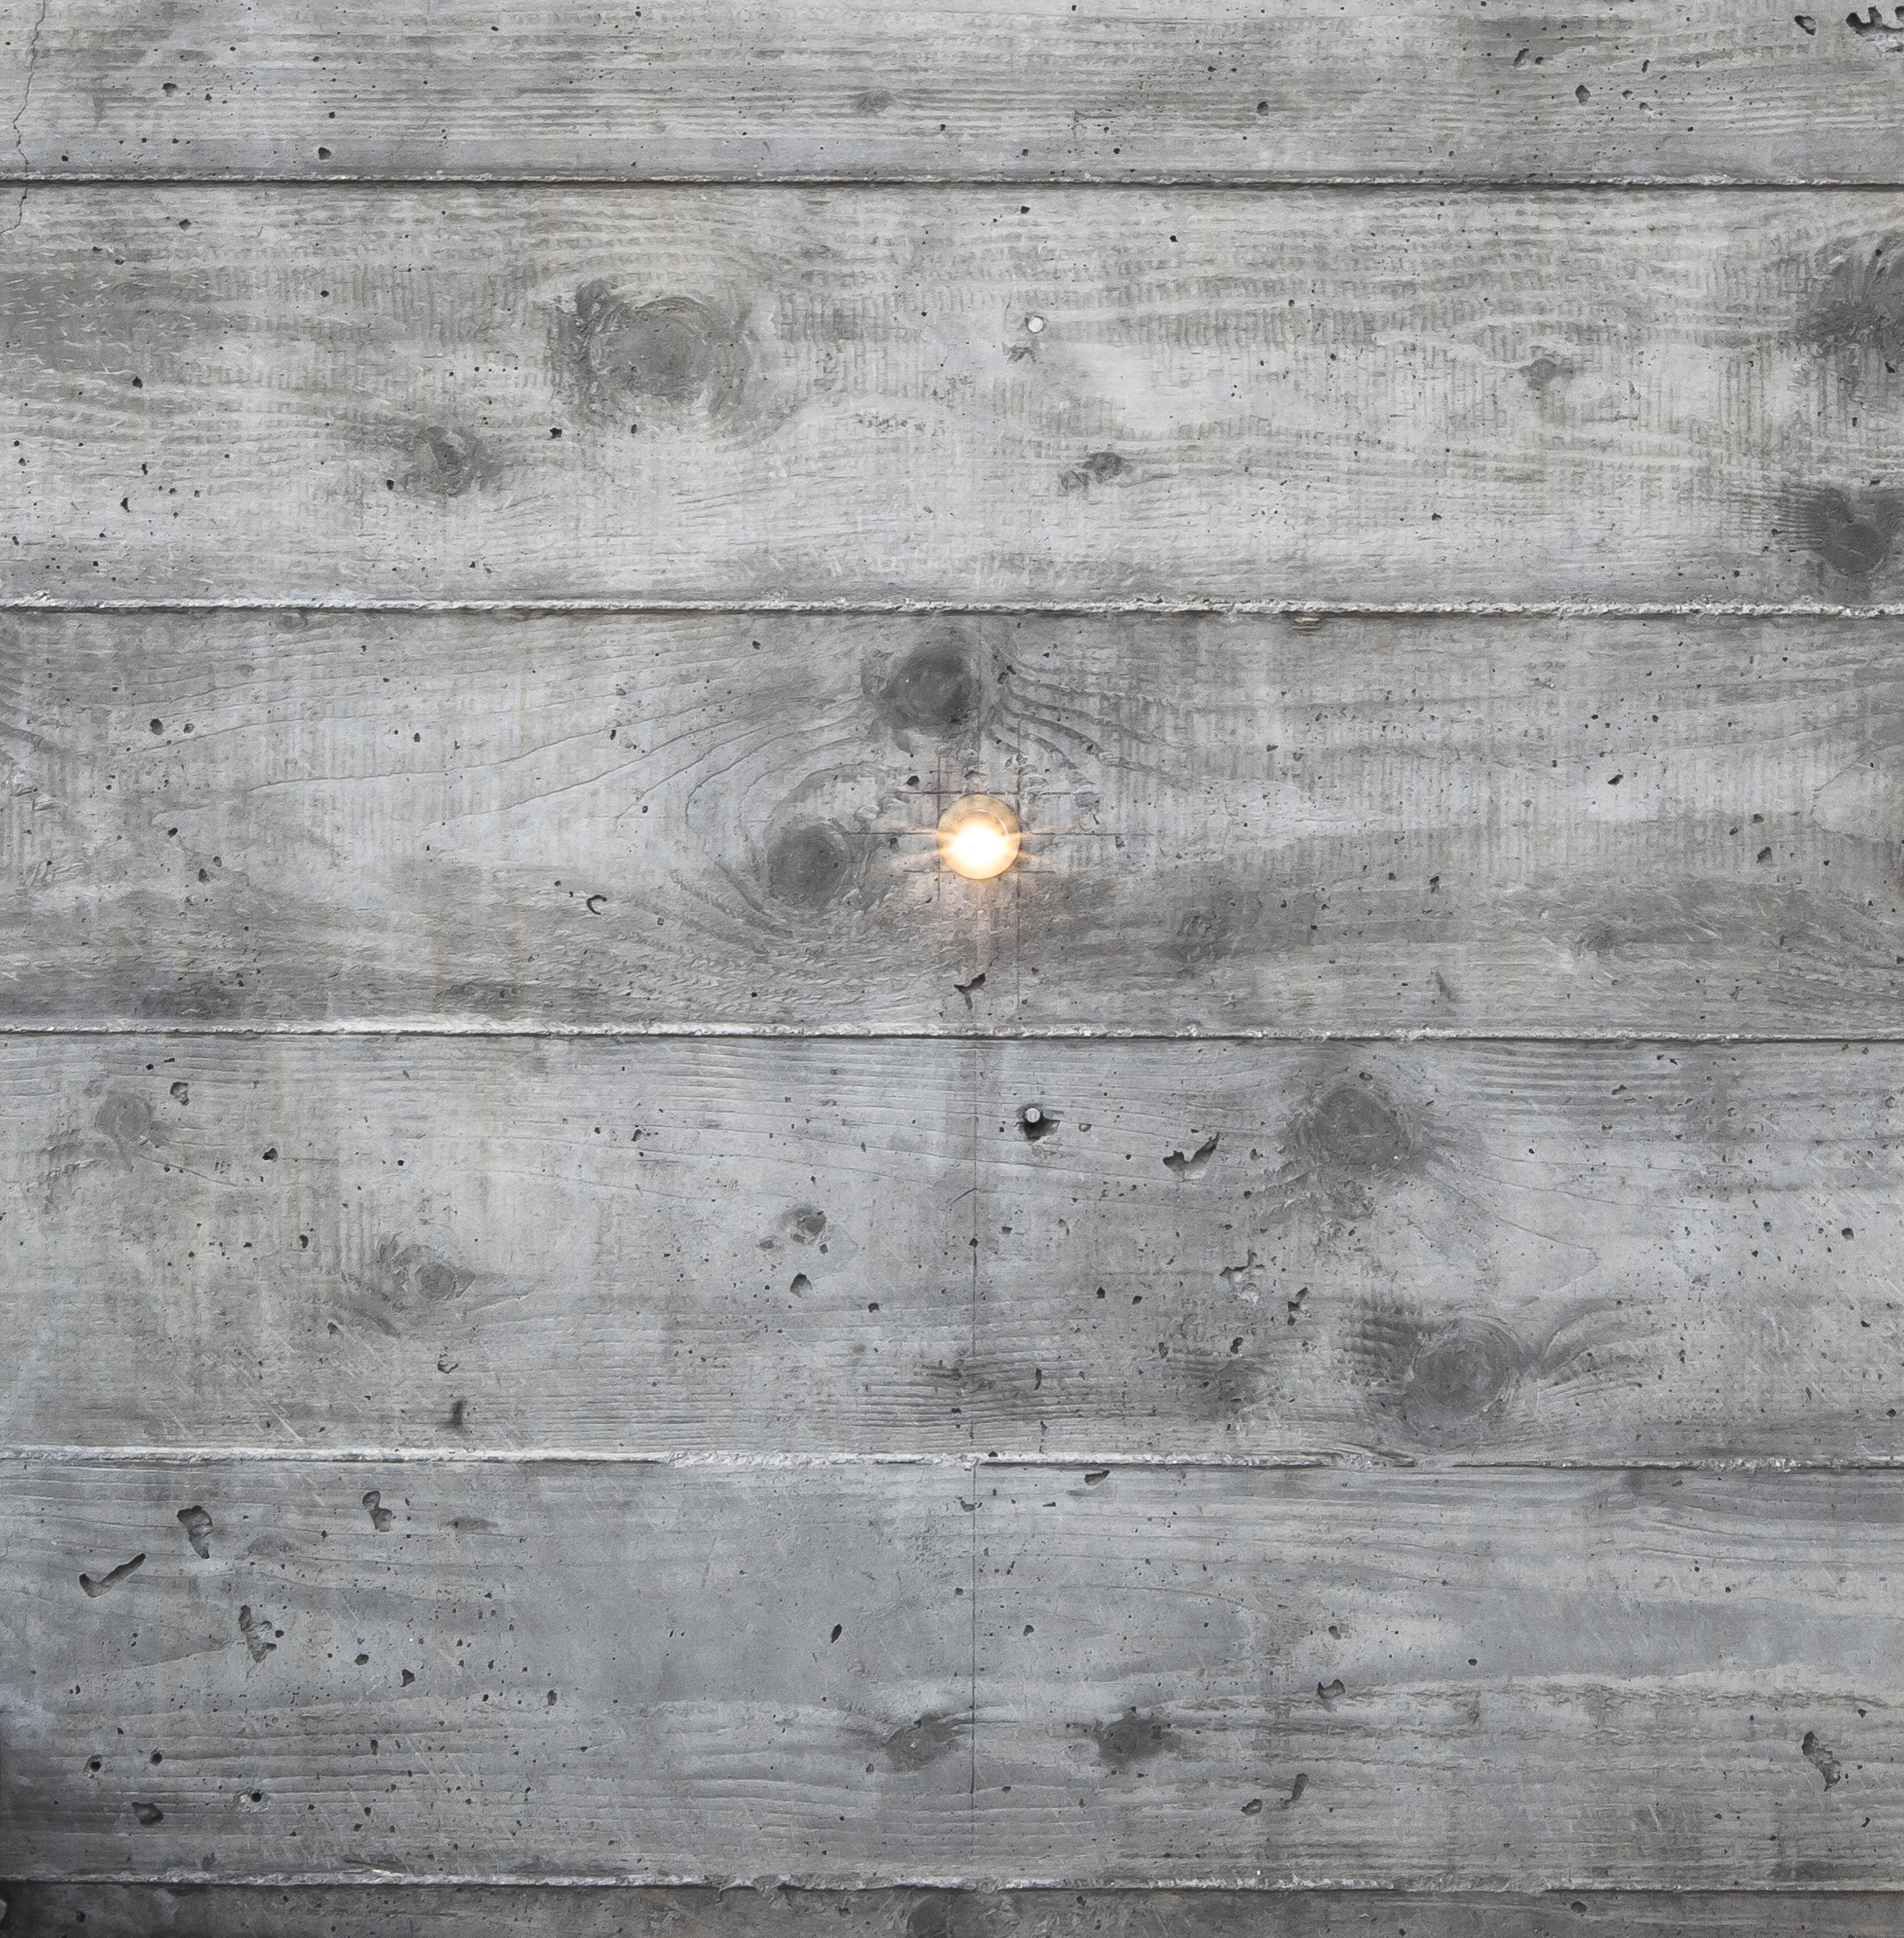 Concrete Wall Board : Table to farm cj paone aia ventura ca architect